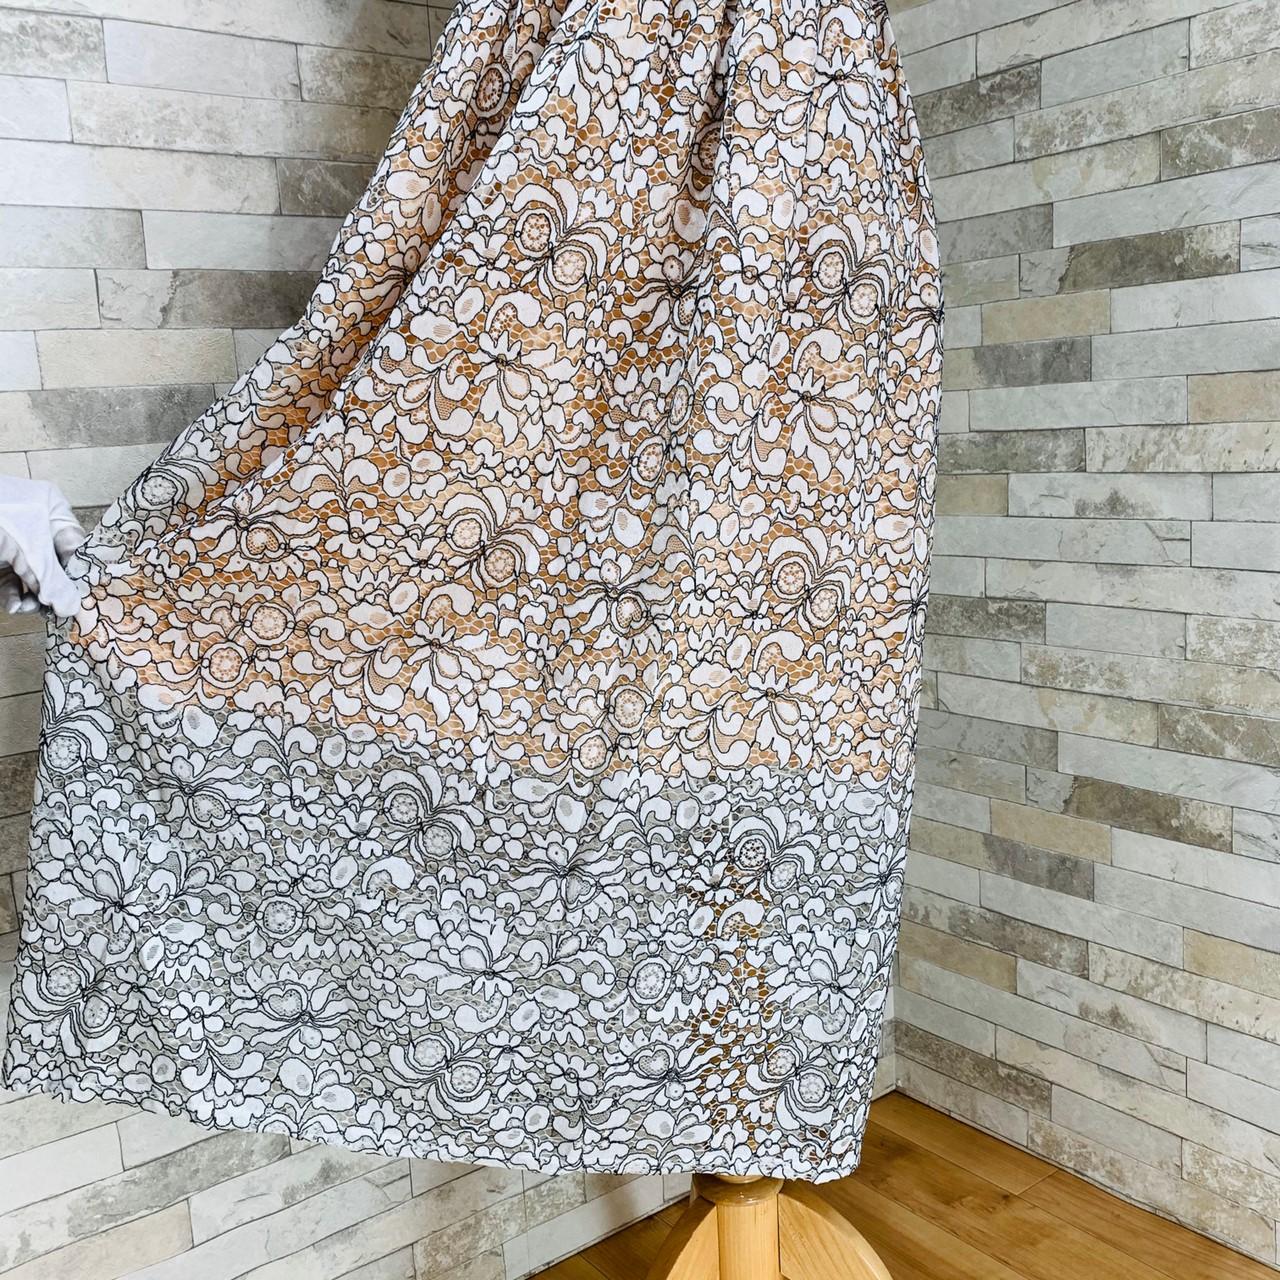 【即納】韓国 ファッション ワンピース パーティードレス ロング マキシ 夏 春 パーティー ブライダル SPTXE760 結婚式 お呼ばれ 総レース スタンドカラー ギャザ 二次会 セレブ きれいめの写真10枚目